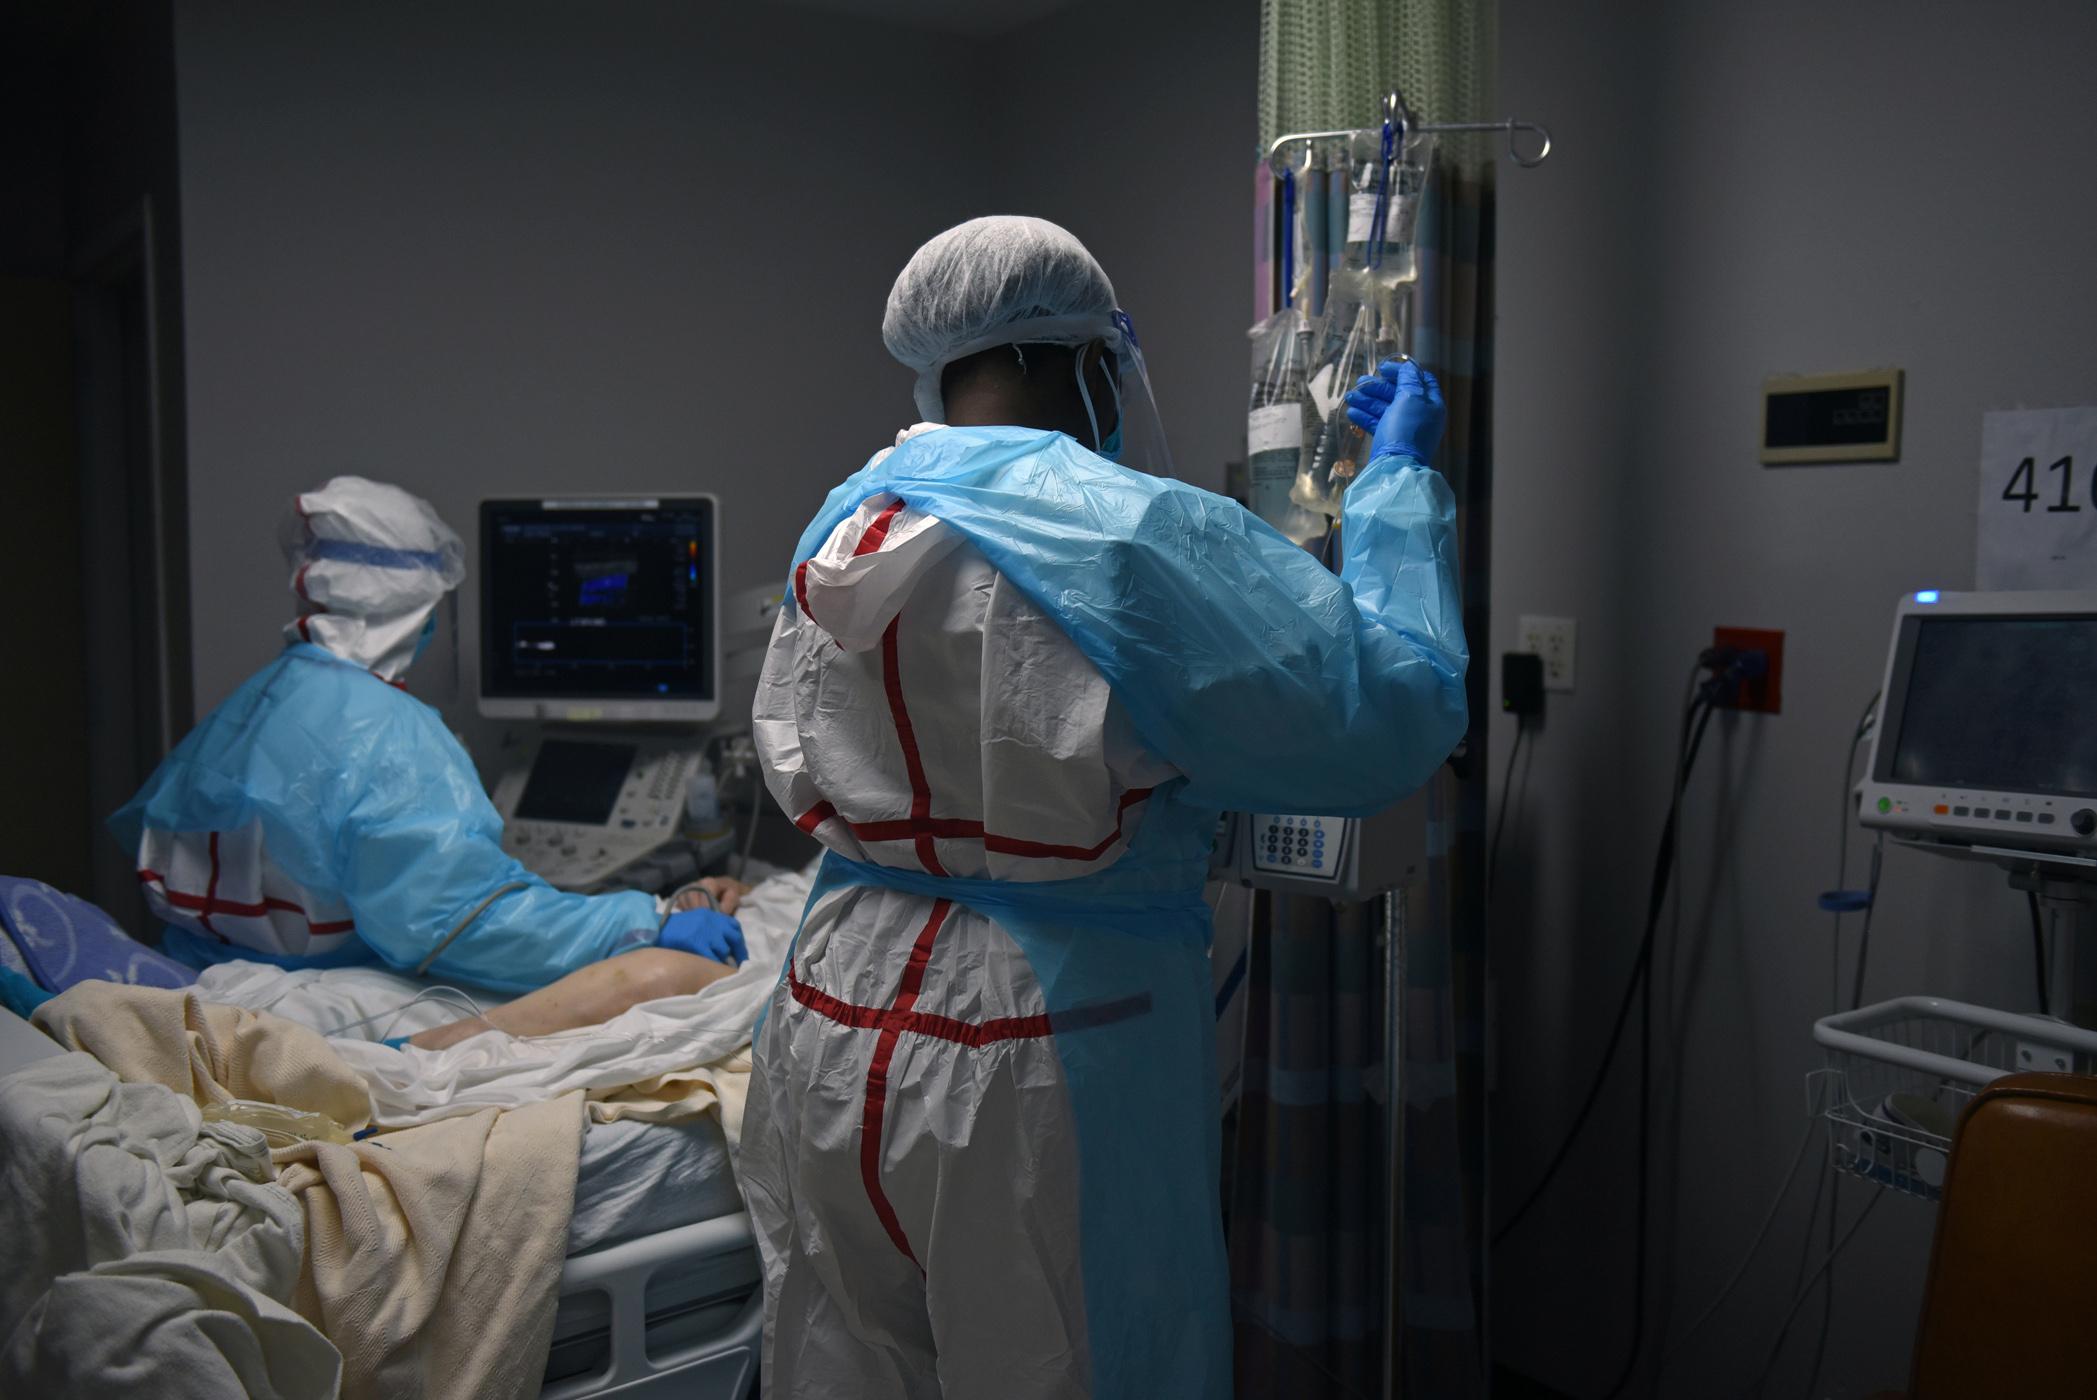 ΗΠΑ: Νέο σοκ με 4.000 θανάτους από κορονοϊό το τελευταίο 24ωρο